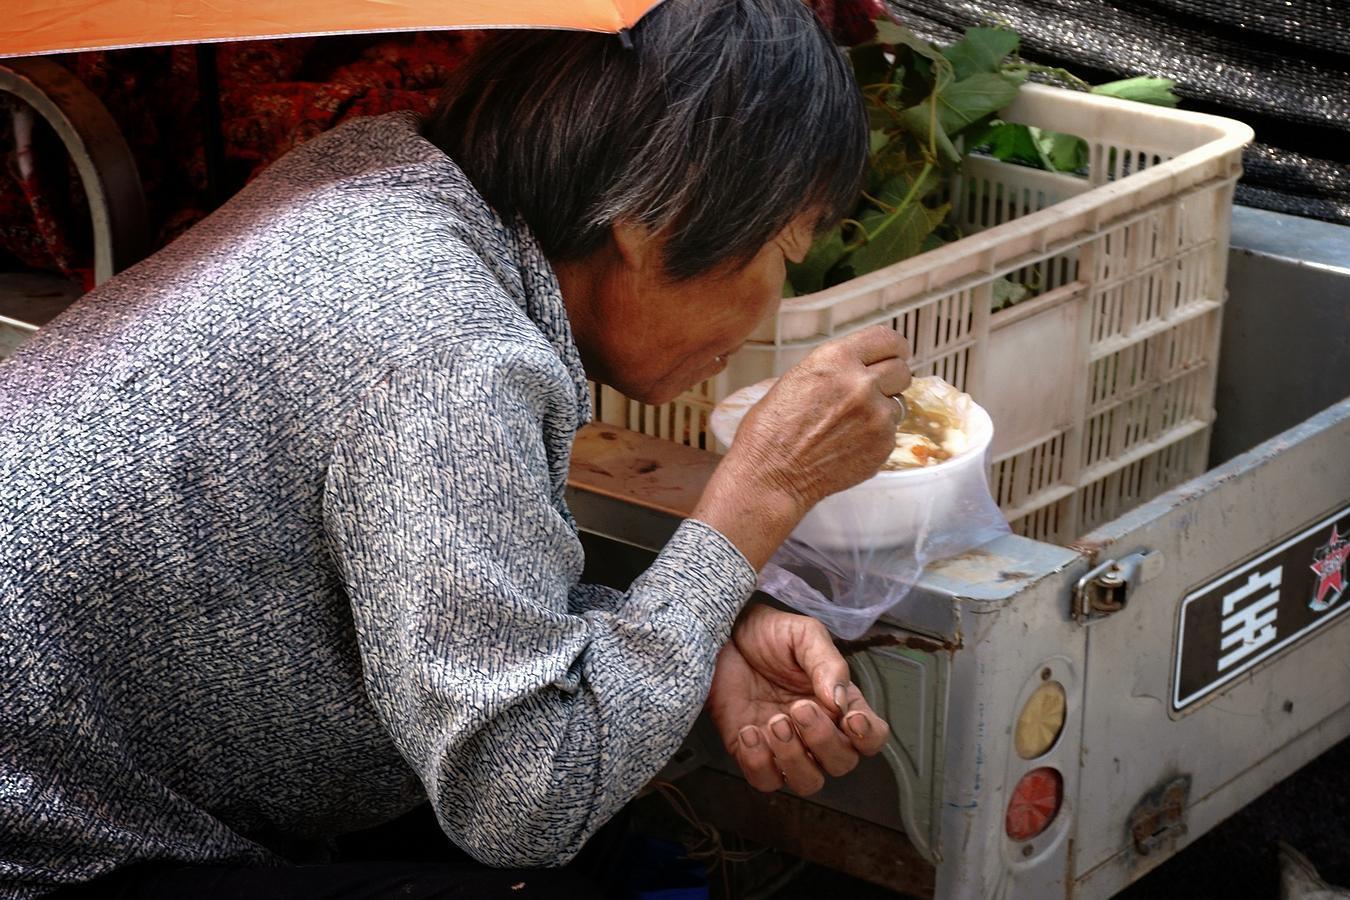 农村大集上65岁老人为省2元钱,午饭吃馒头就大蒜,让人心酸